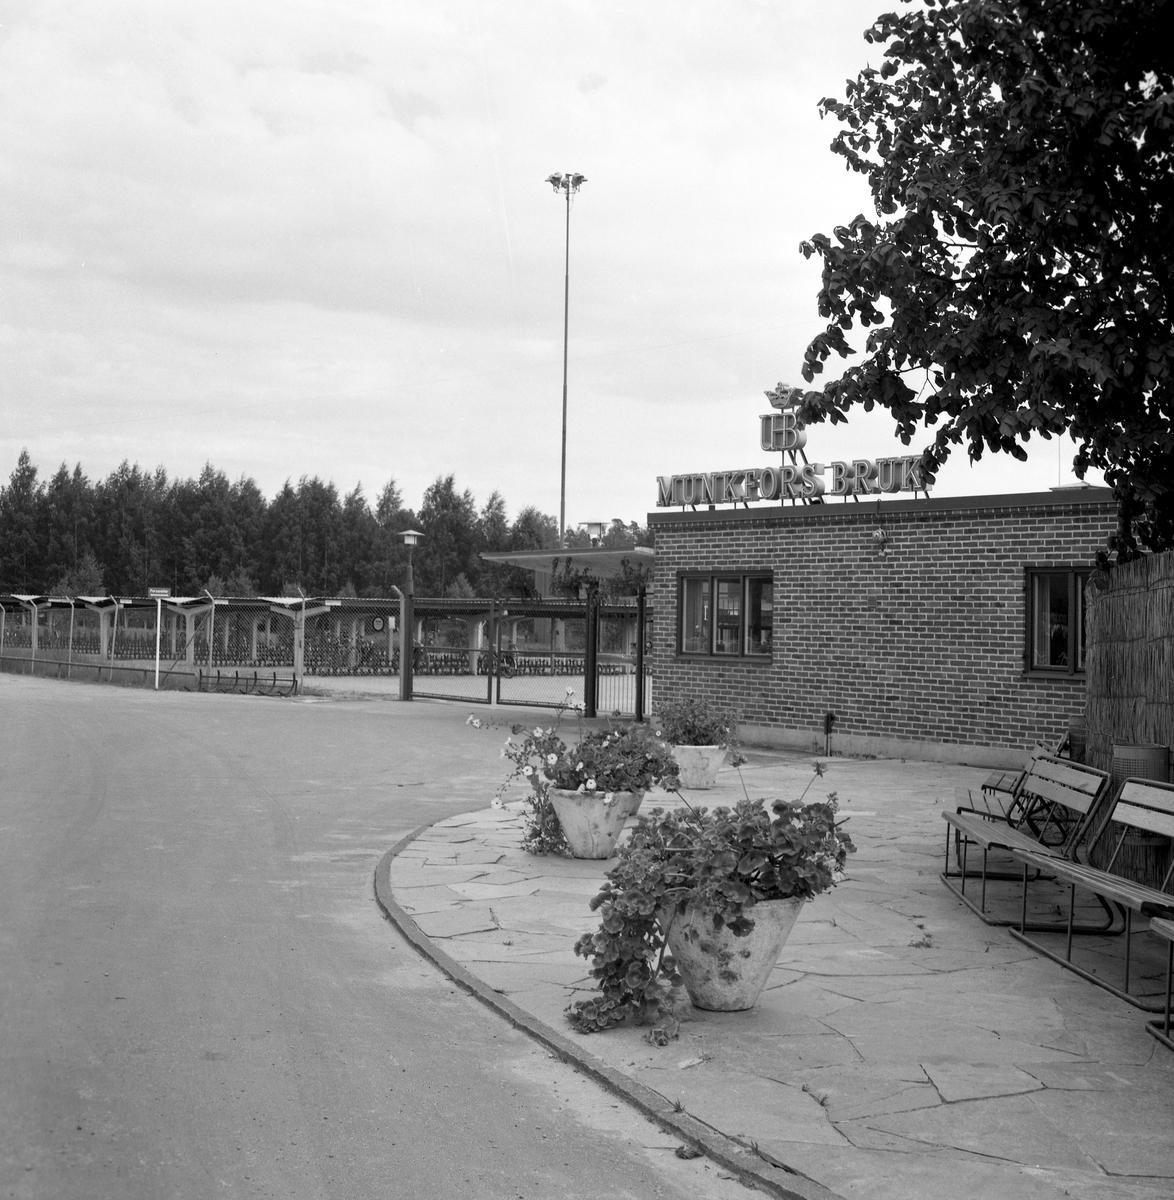 """Någonstans i Värmland - från slutet av 1950-talet. Kommentar från användare: """"Fabriksporten Munkfors. Nuvarande Böhler Uddeholm""""."""